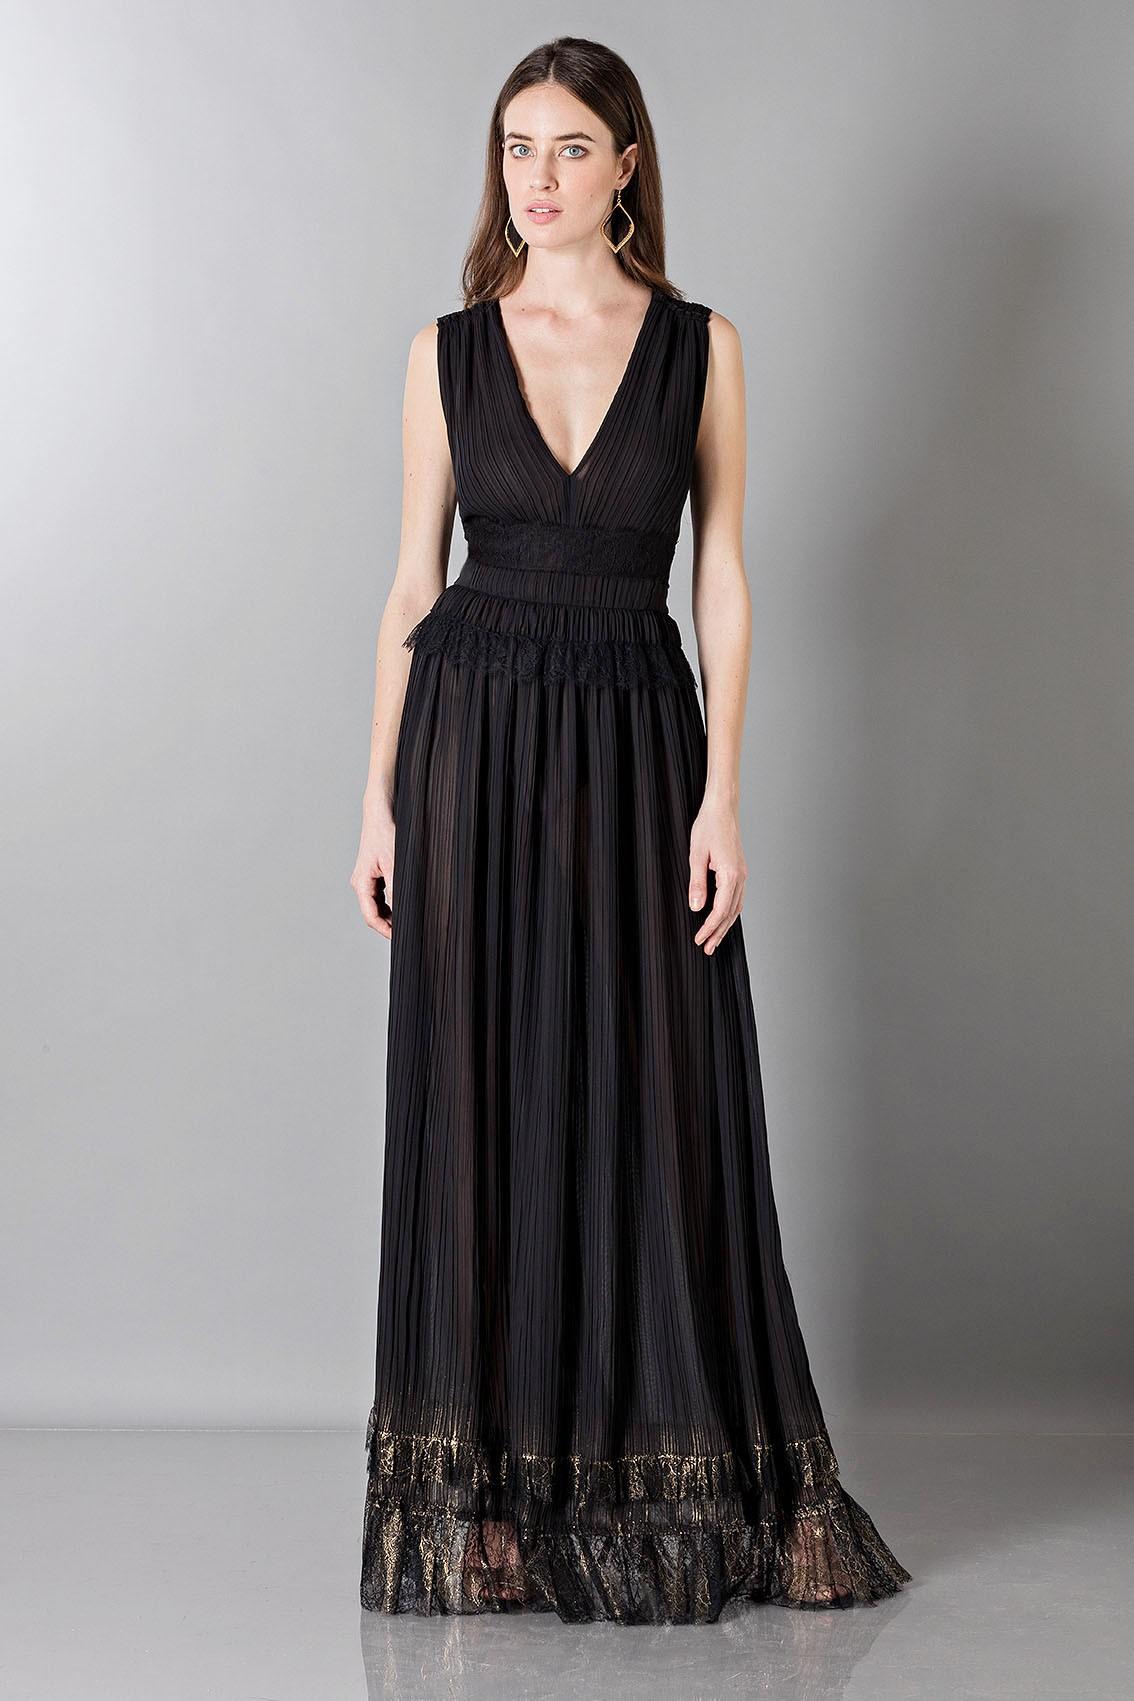 ed789e4b081 Drexcode - Alberta Ferretti Robe longue et noire